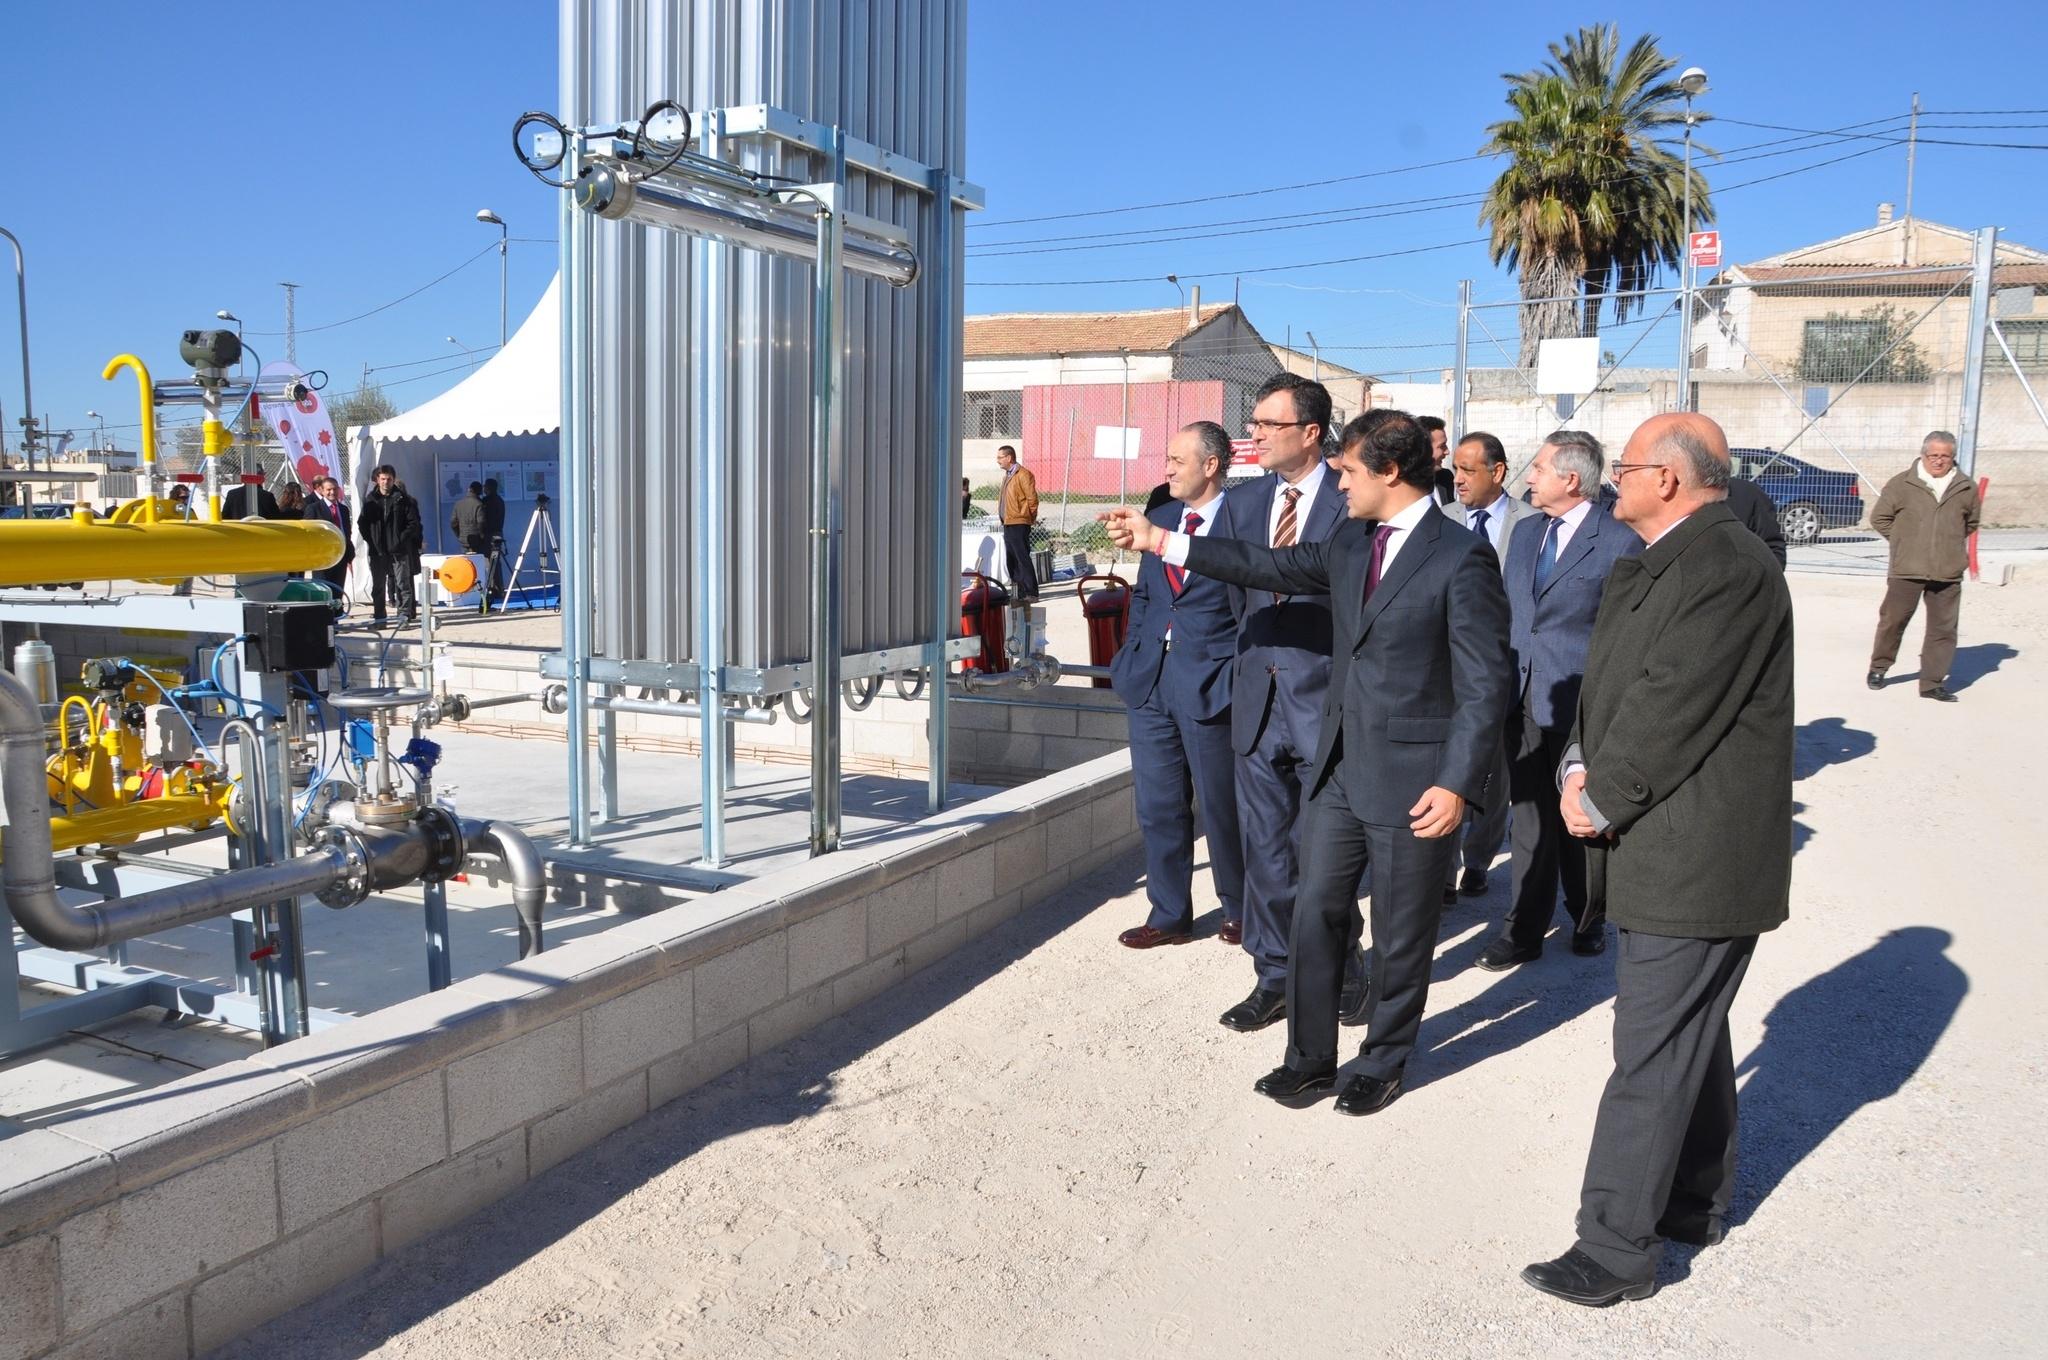 Ballesta visita la planta satélite que dará gas natural a la ciudad de Cieza